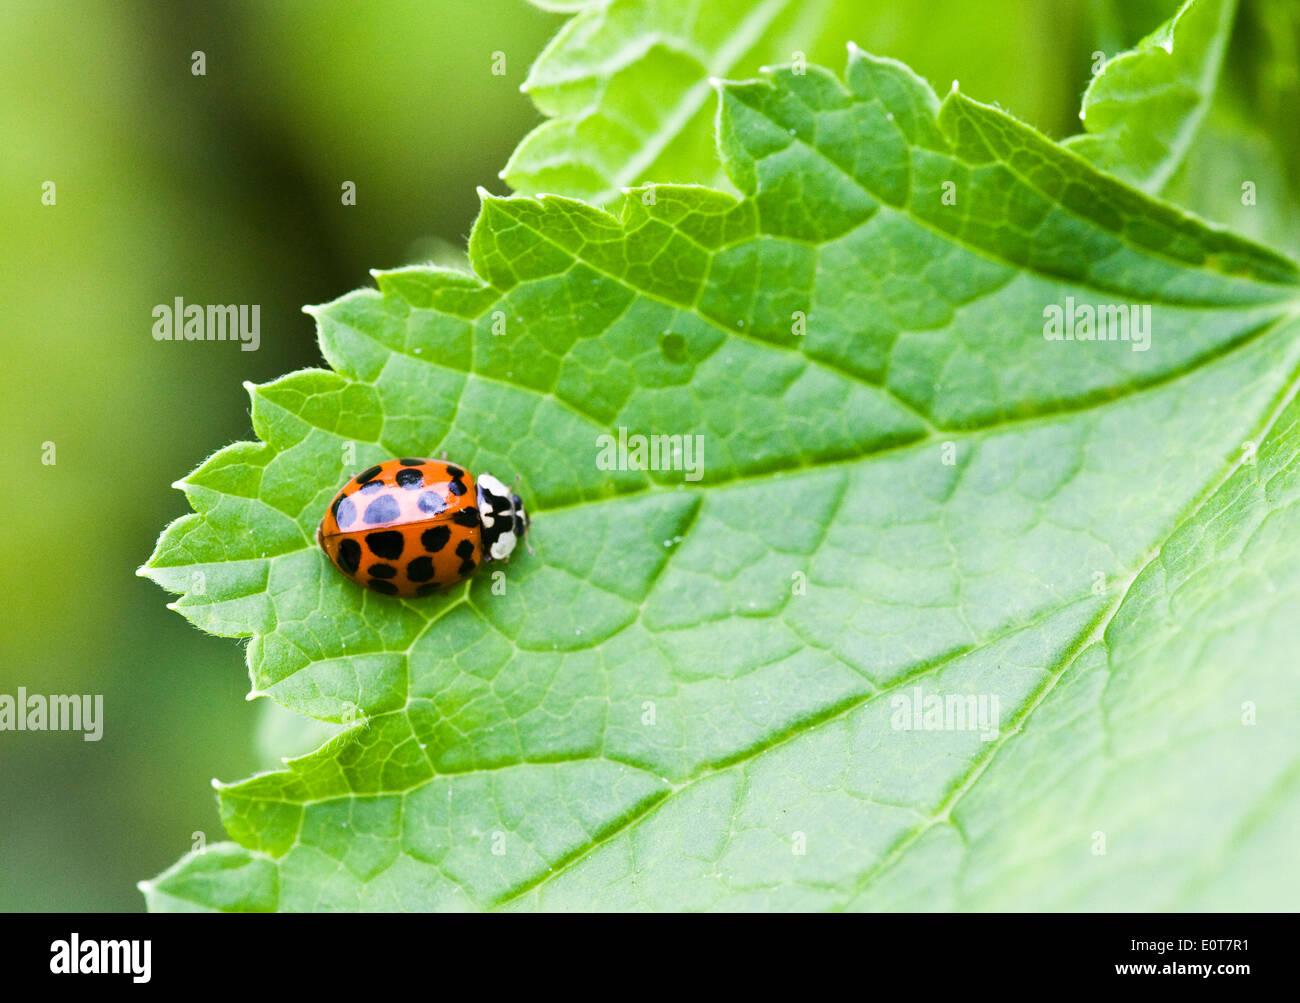 Marienkäfer - Ladybug - Stock Image